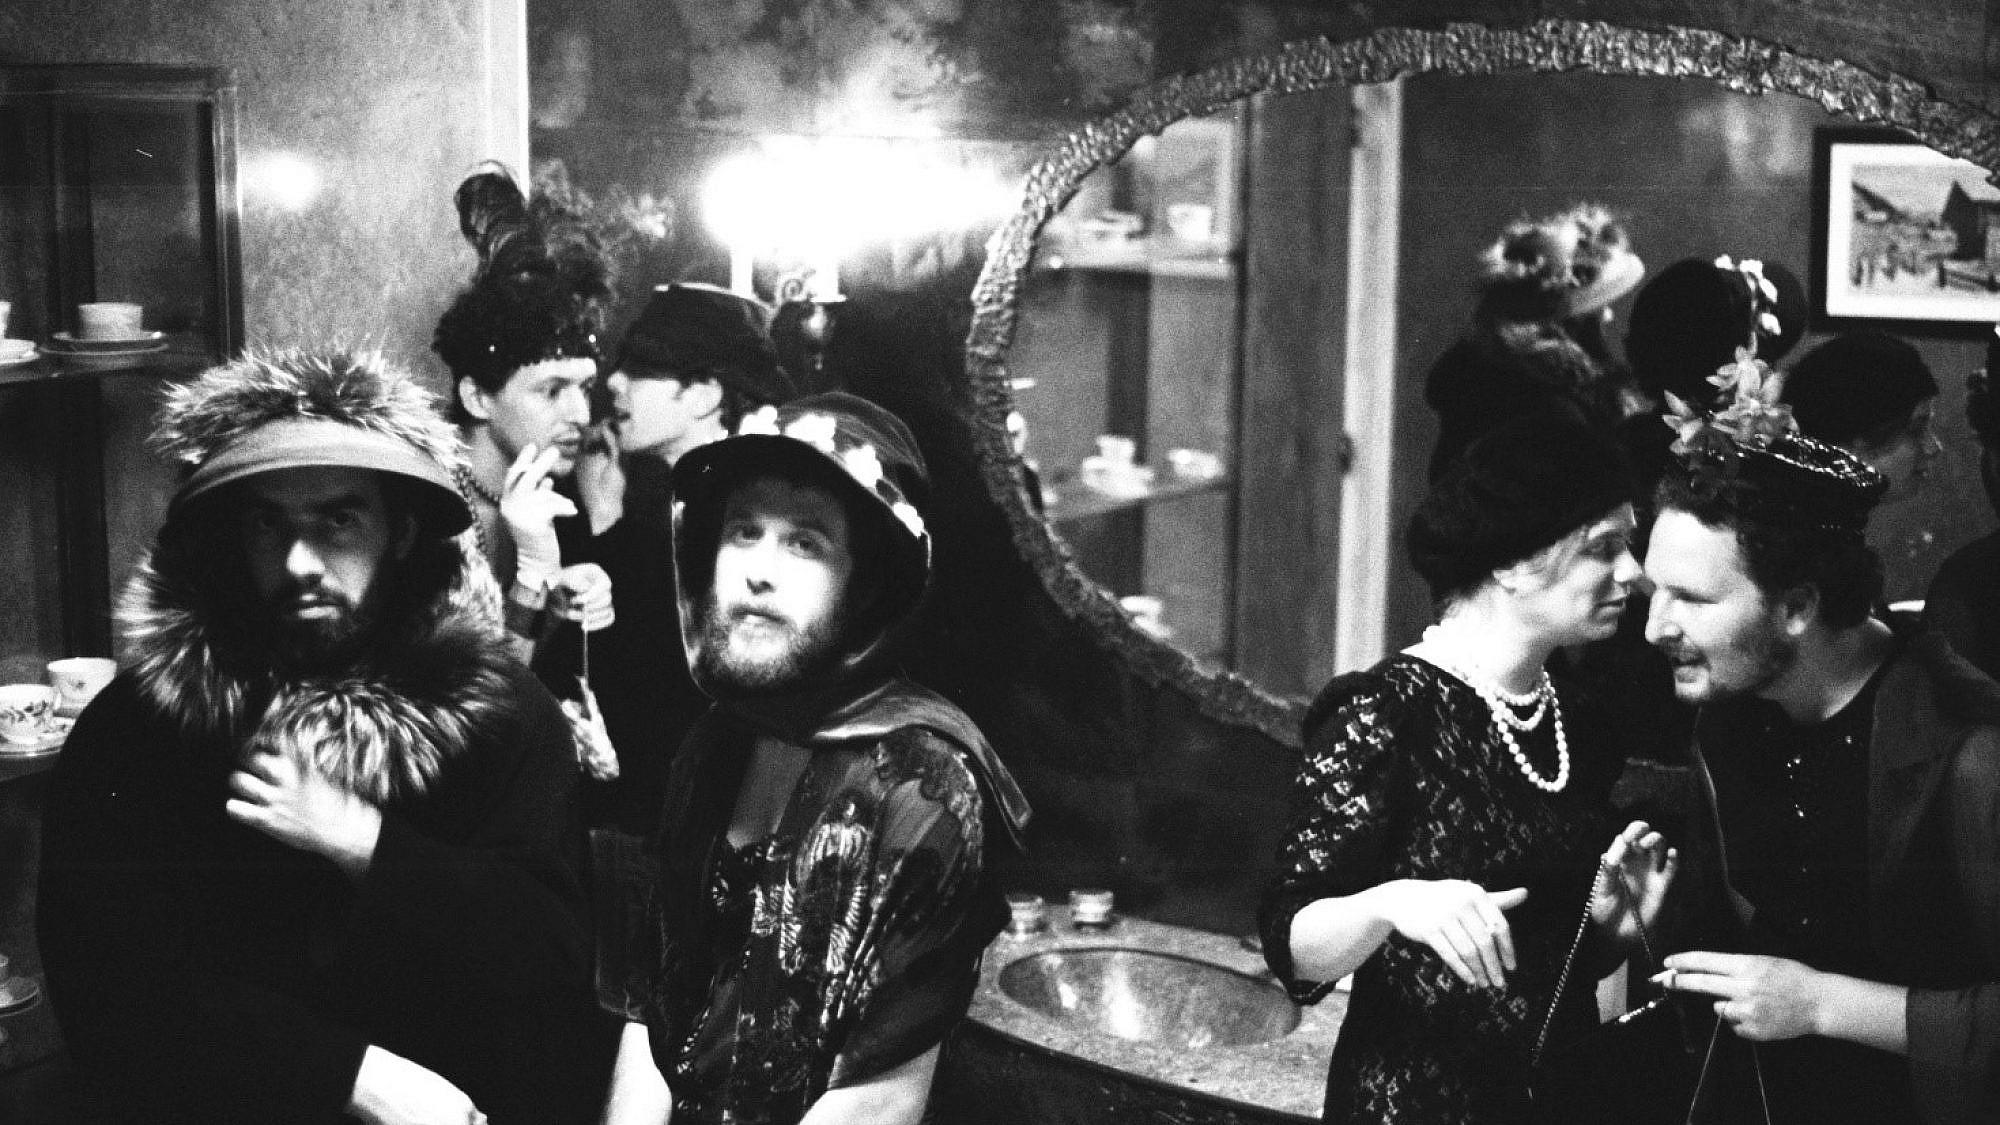 הבילויים בתקופת הגלאם-פולקה, עם שחר חזיזה, מאיה דוניץ, עופר סקולמאסטר ויוני סילבר (צילום שי פלג)